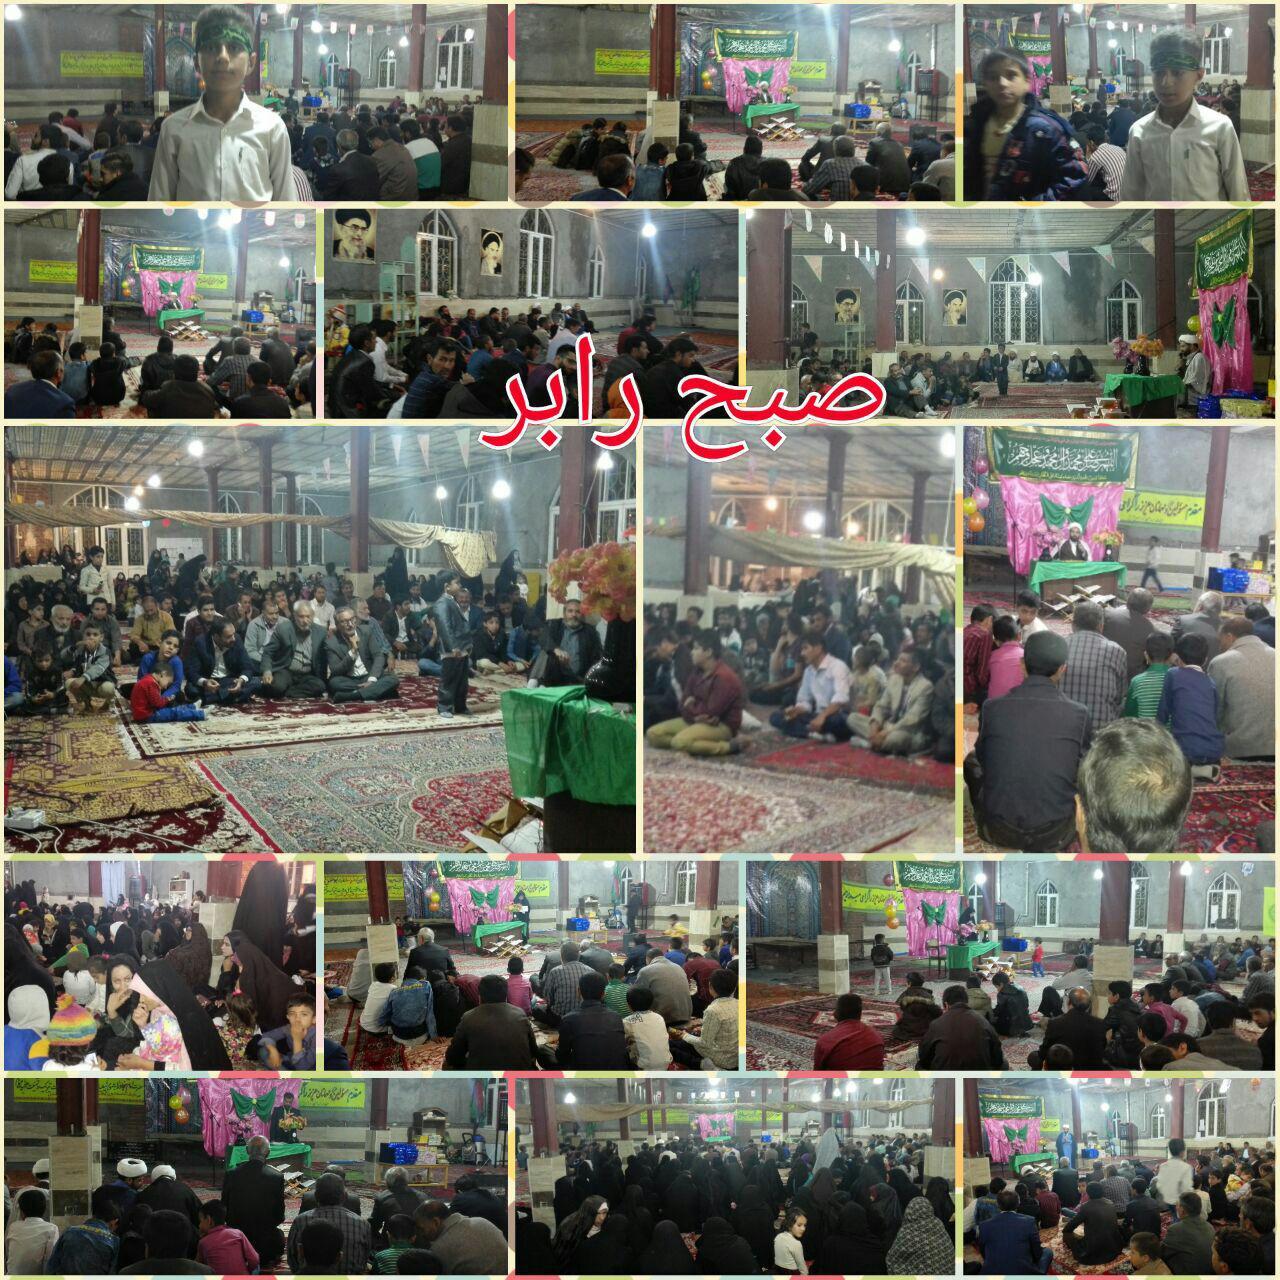 جشن میلاد امام حسین علیه السلام در مسجد امام حسین رابربرگزار شد/ تصاویر